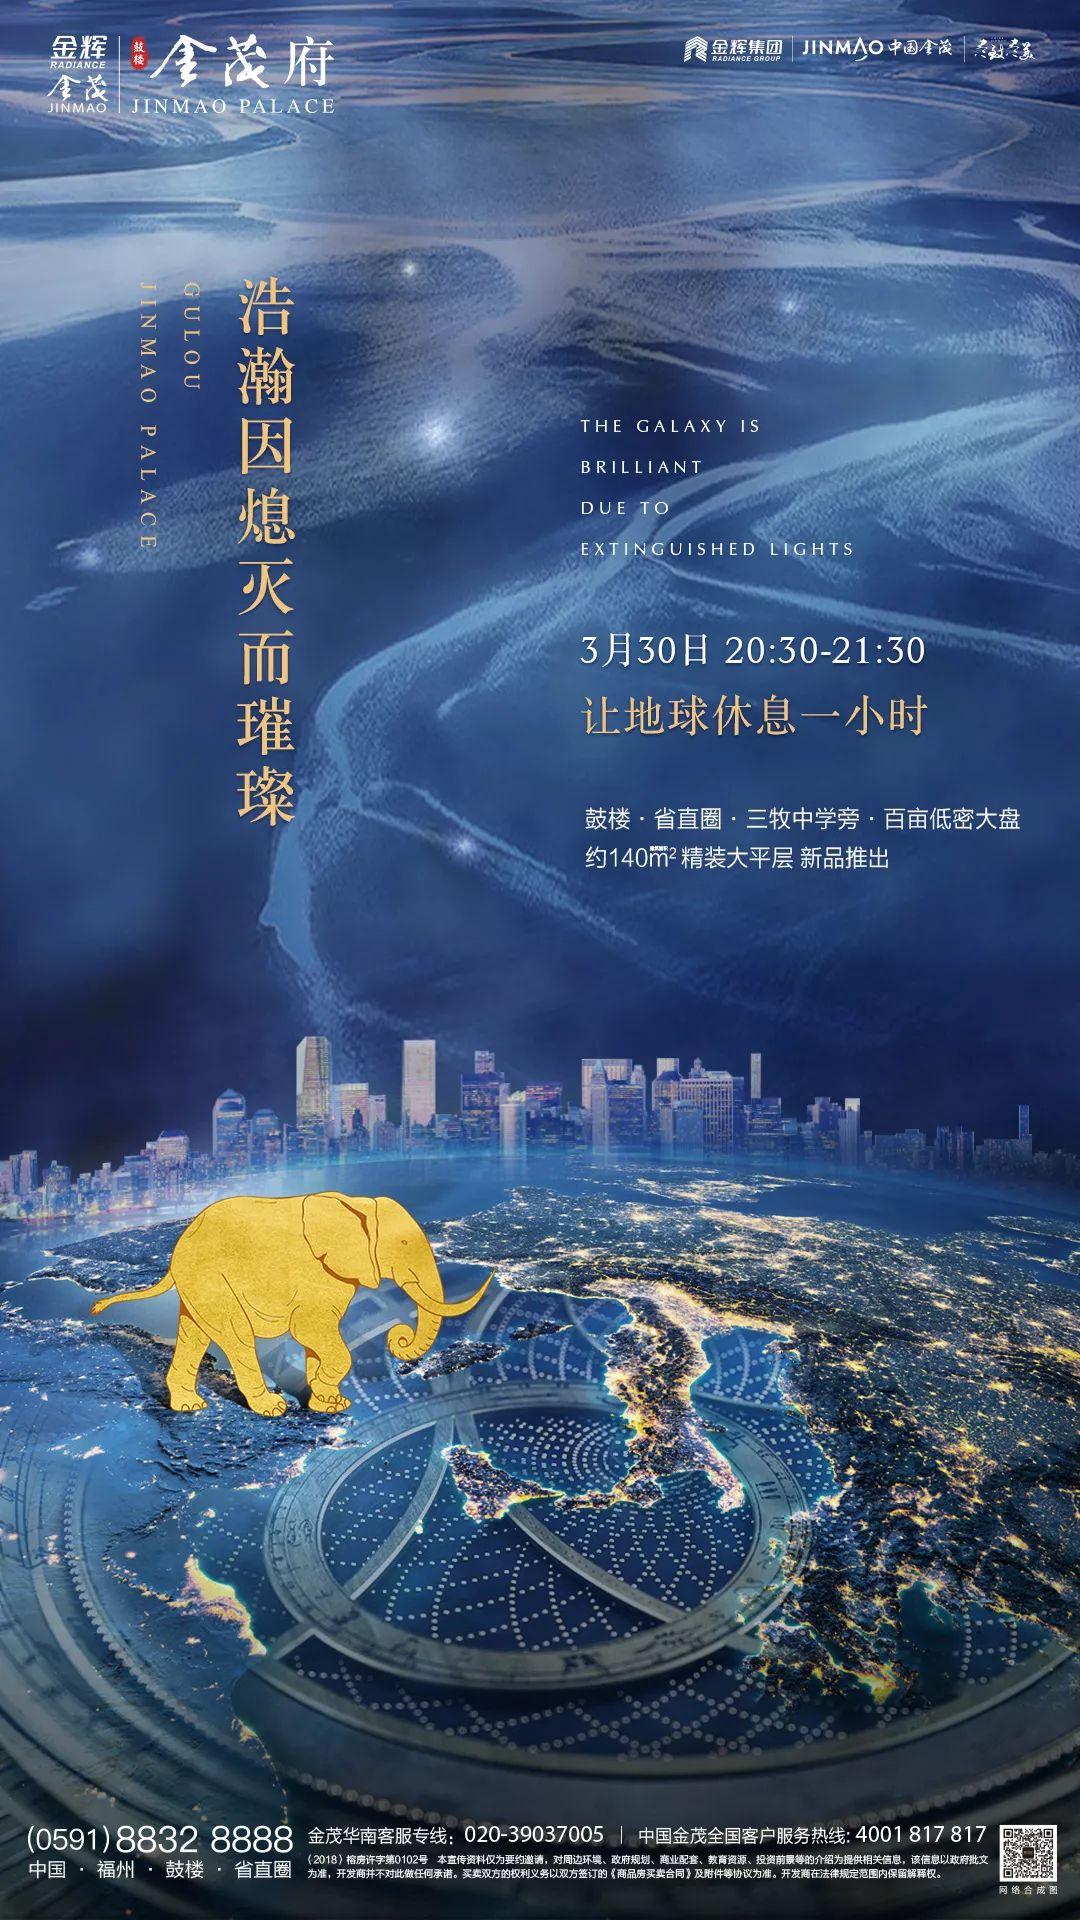 地球一小时文案海报:抬头发现天空中最亮的星!插图19